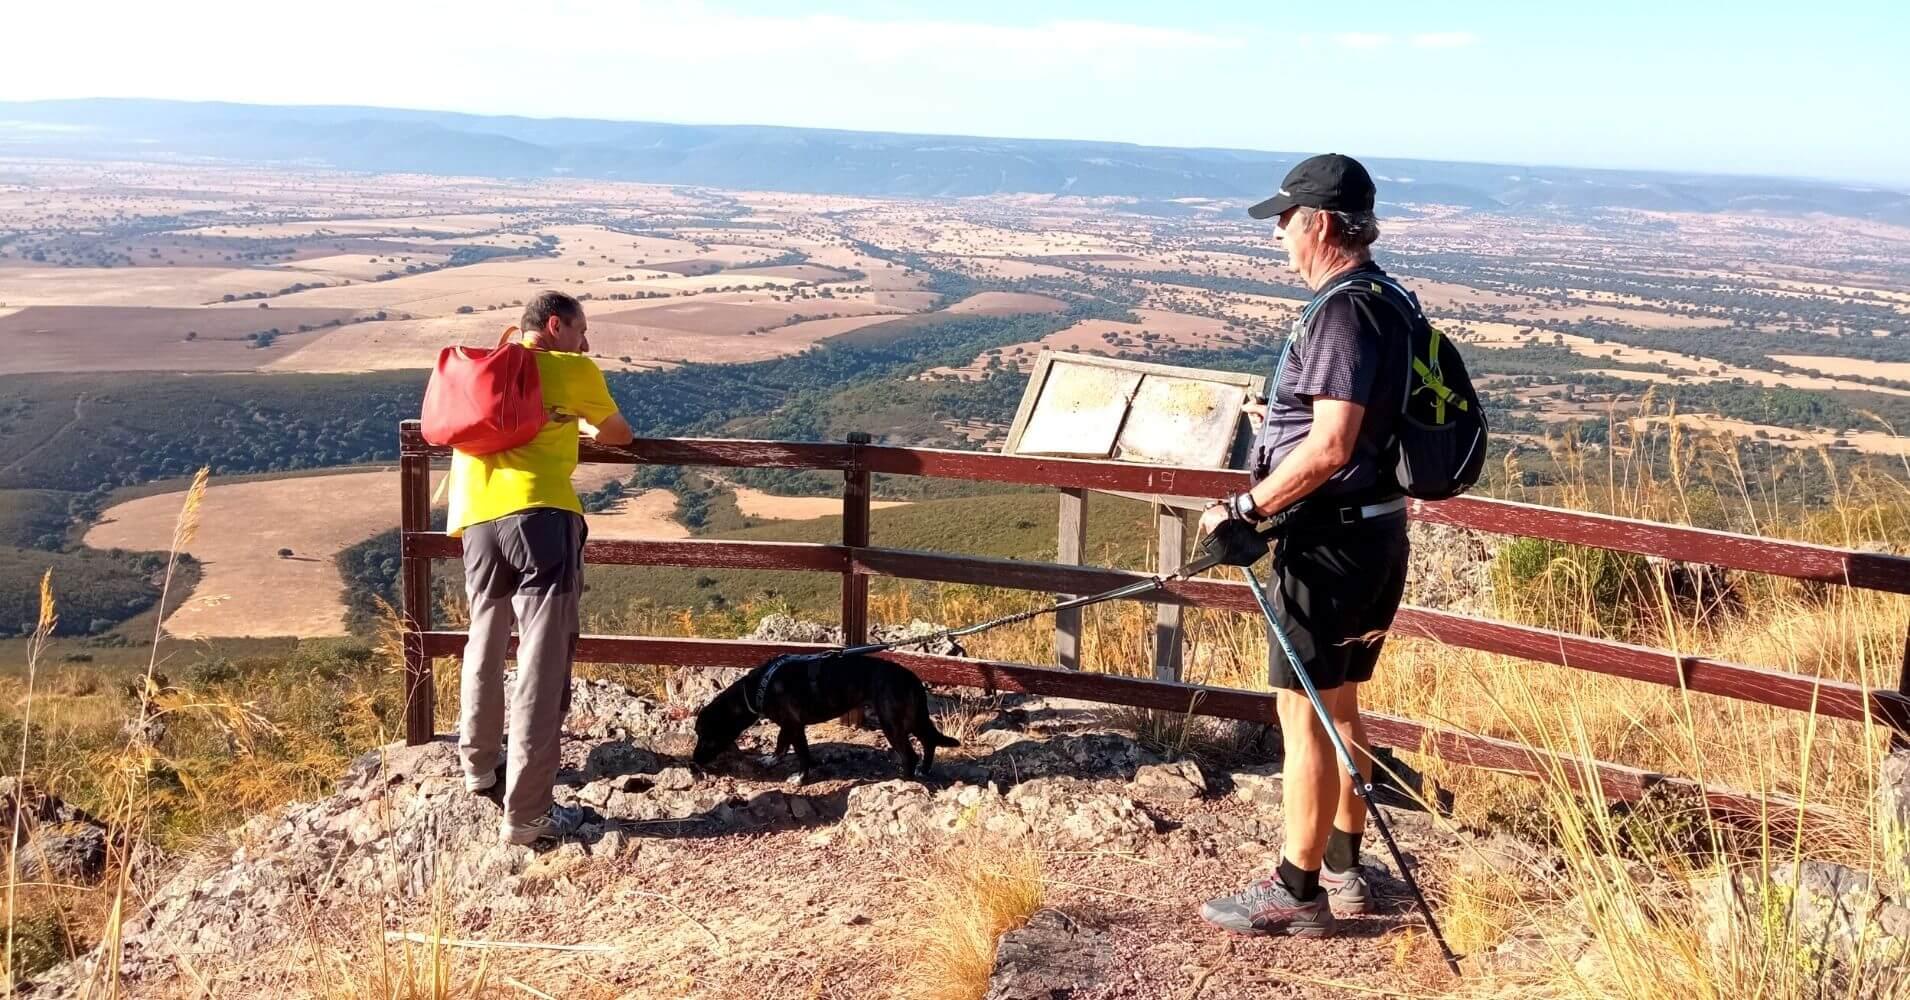 Mirador Paisajístico del Parque Nacional de Cabañeros. San Pablo de los Montes. Toledo, Castilla la Mancha.